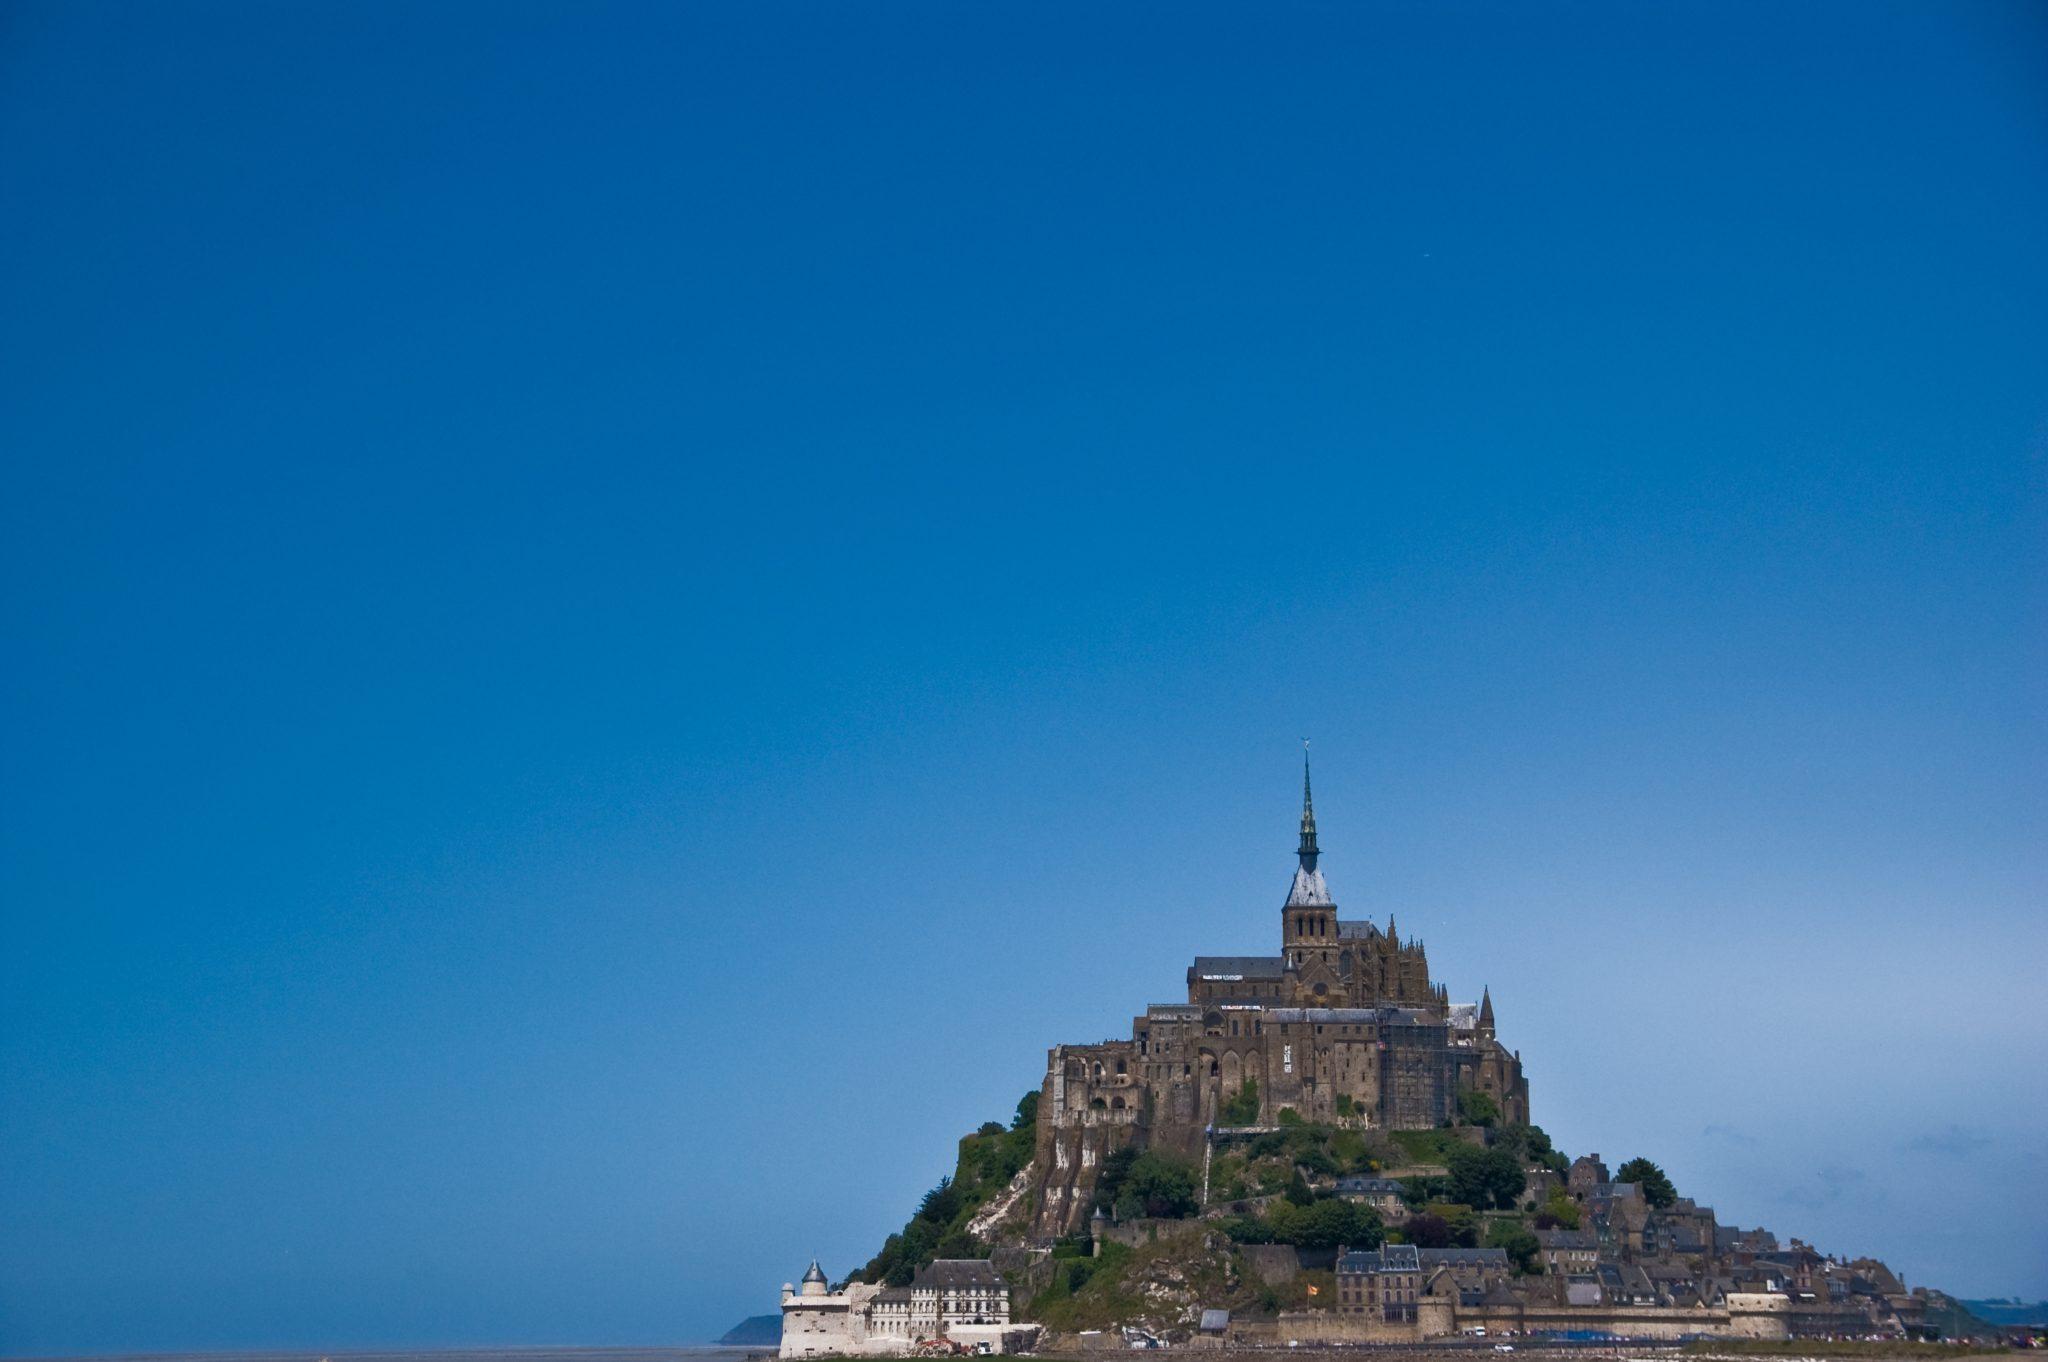 Mont St. Michel. Vindt je vriendin leuk.